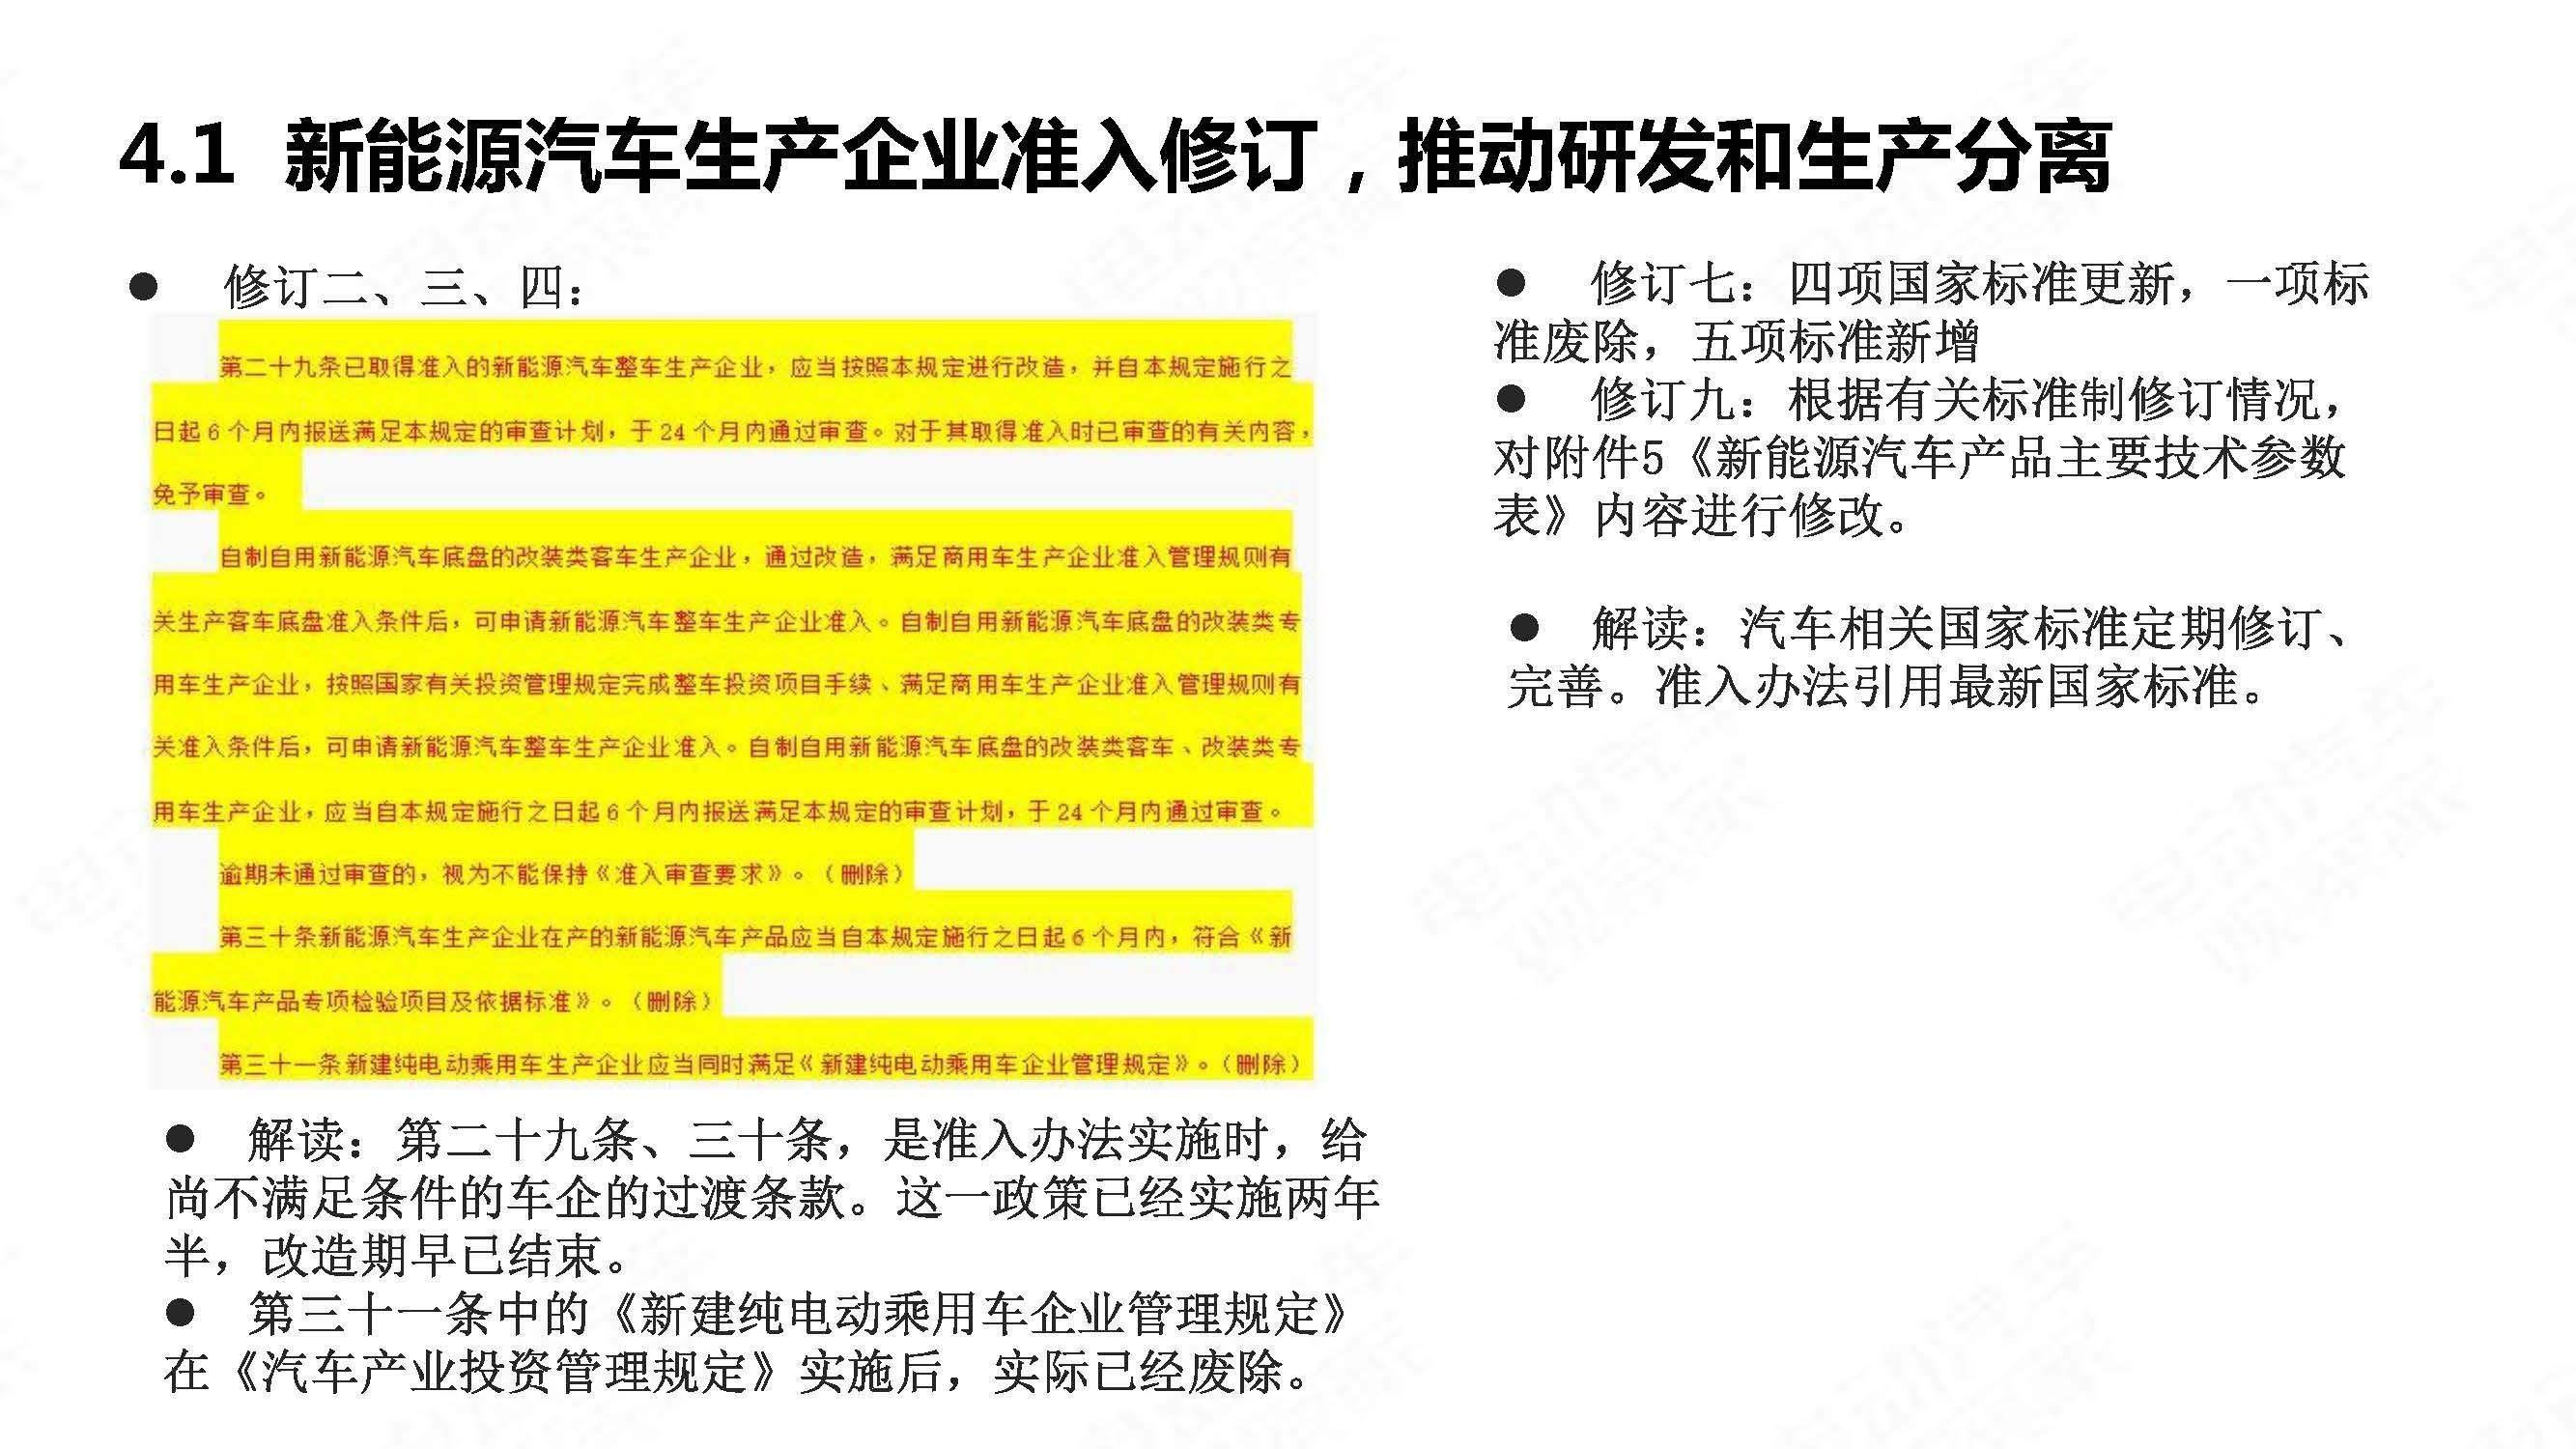 中国新能源汽车产业观察202001简略版_页面_28